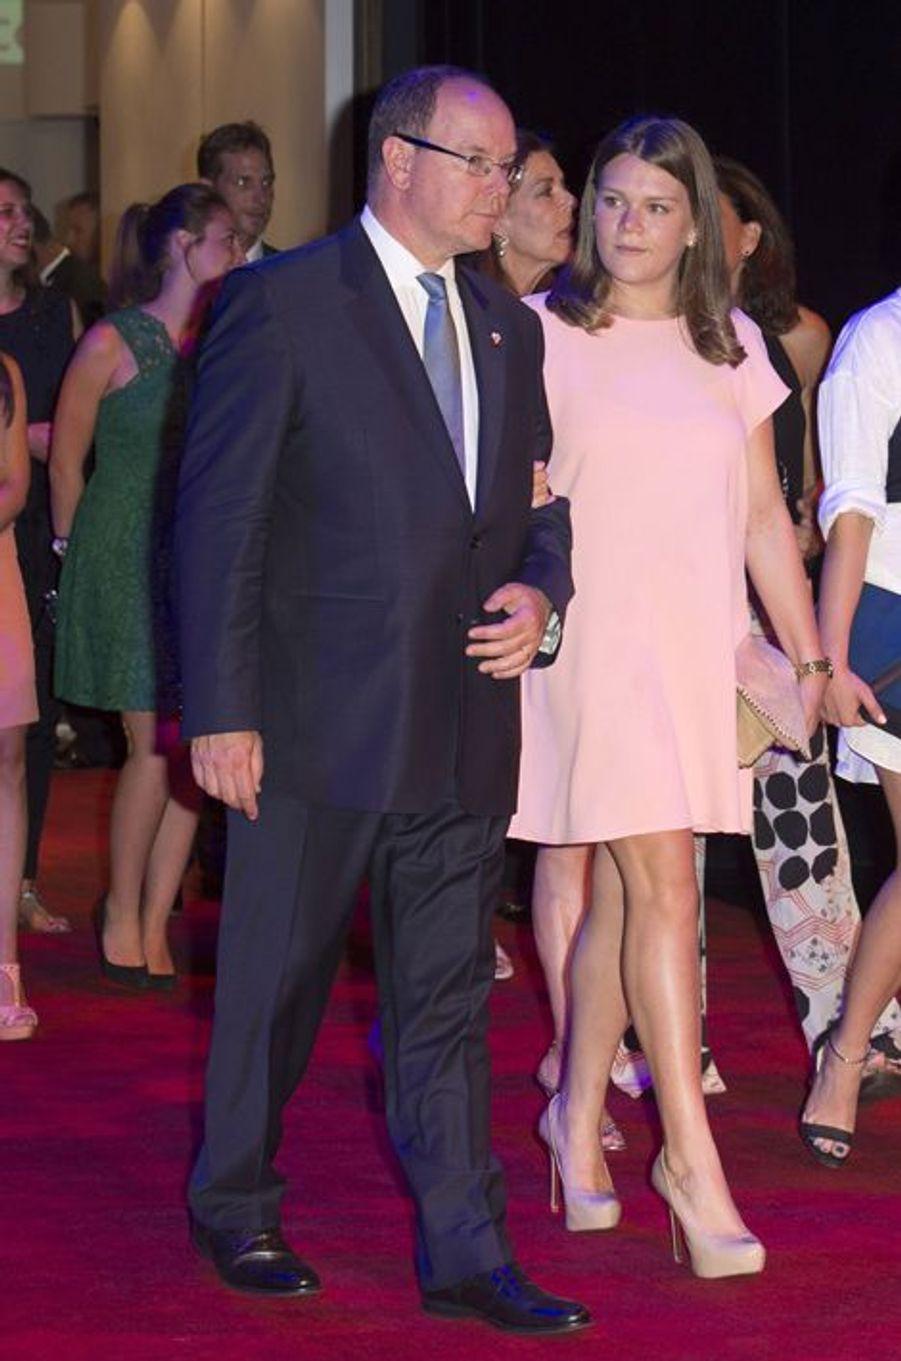 Le prince Albert II de Monaco et sa nièce Camille au gala de la fondation Fight Aids